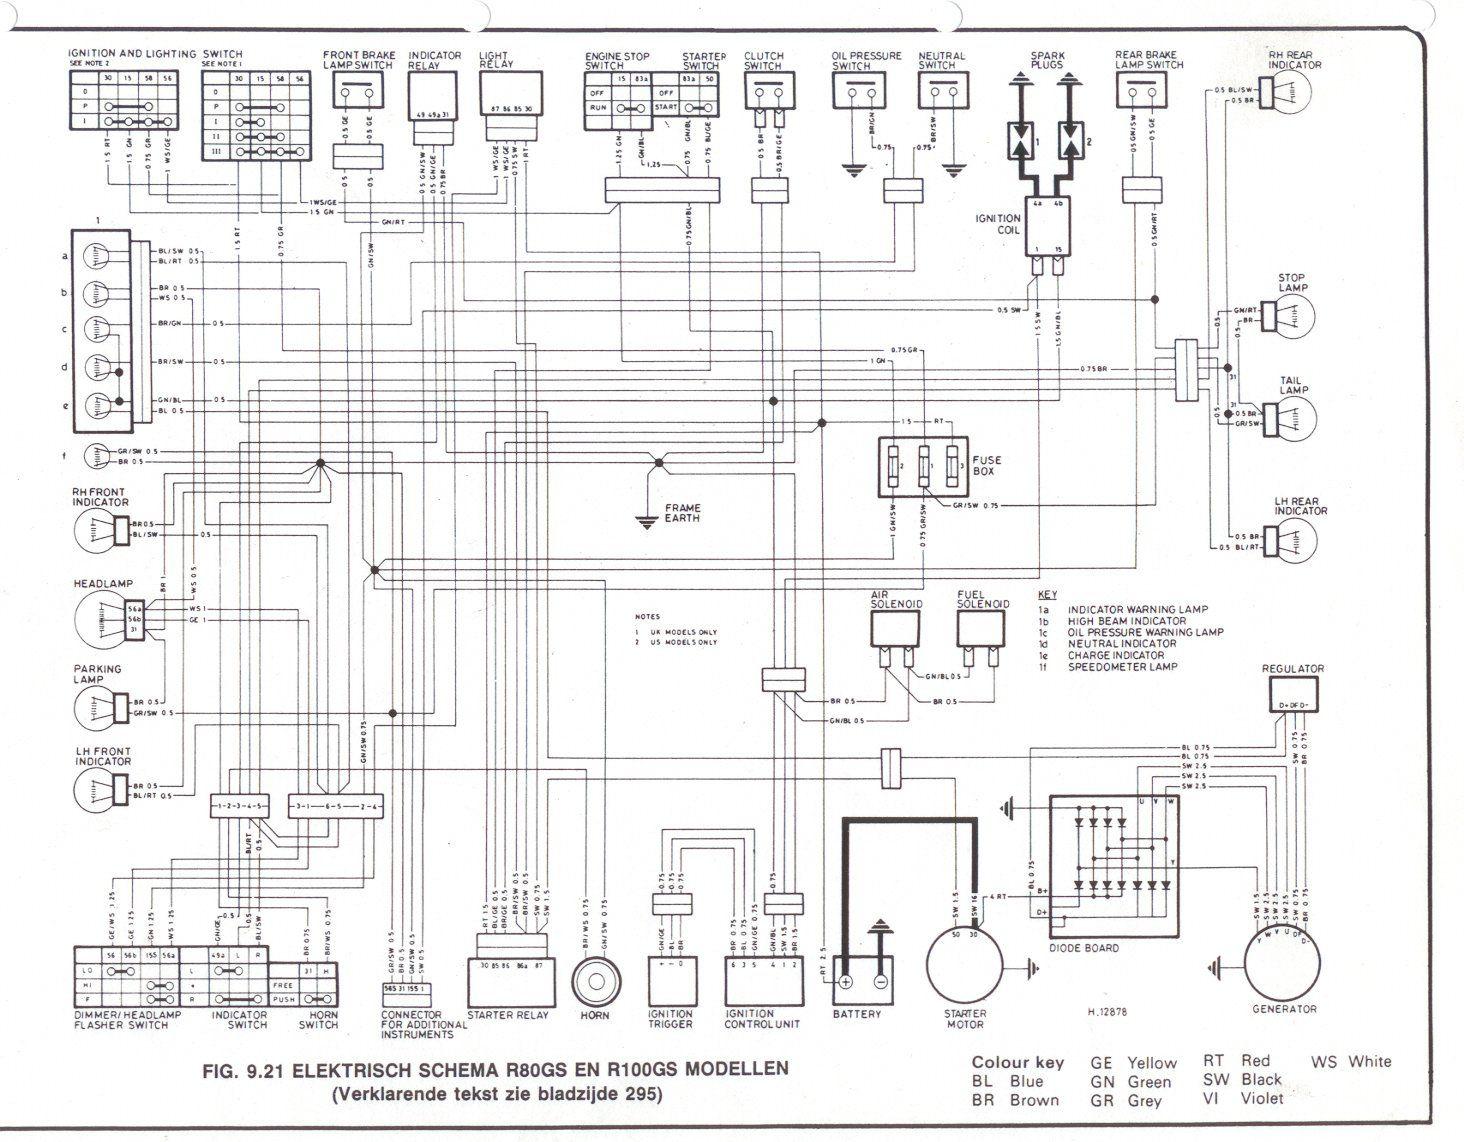 r1200c fuse box